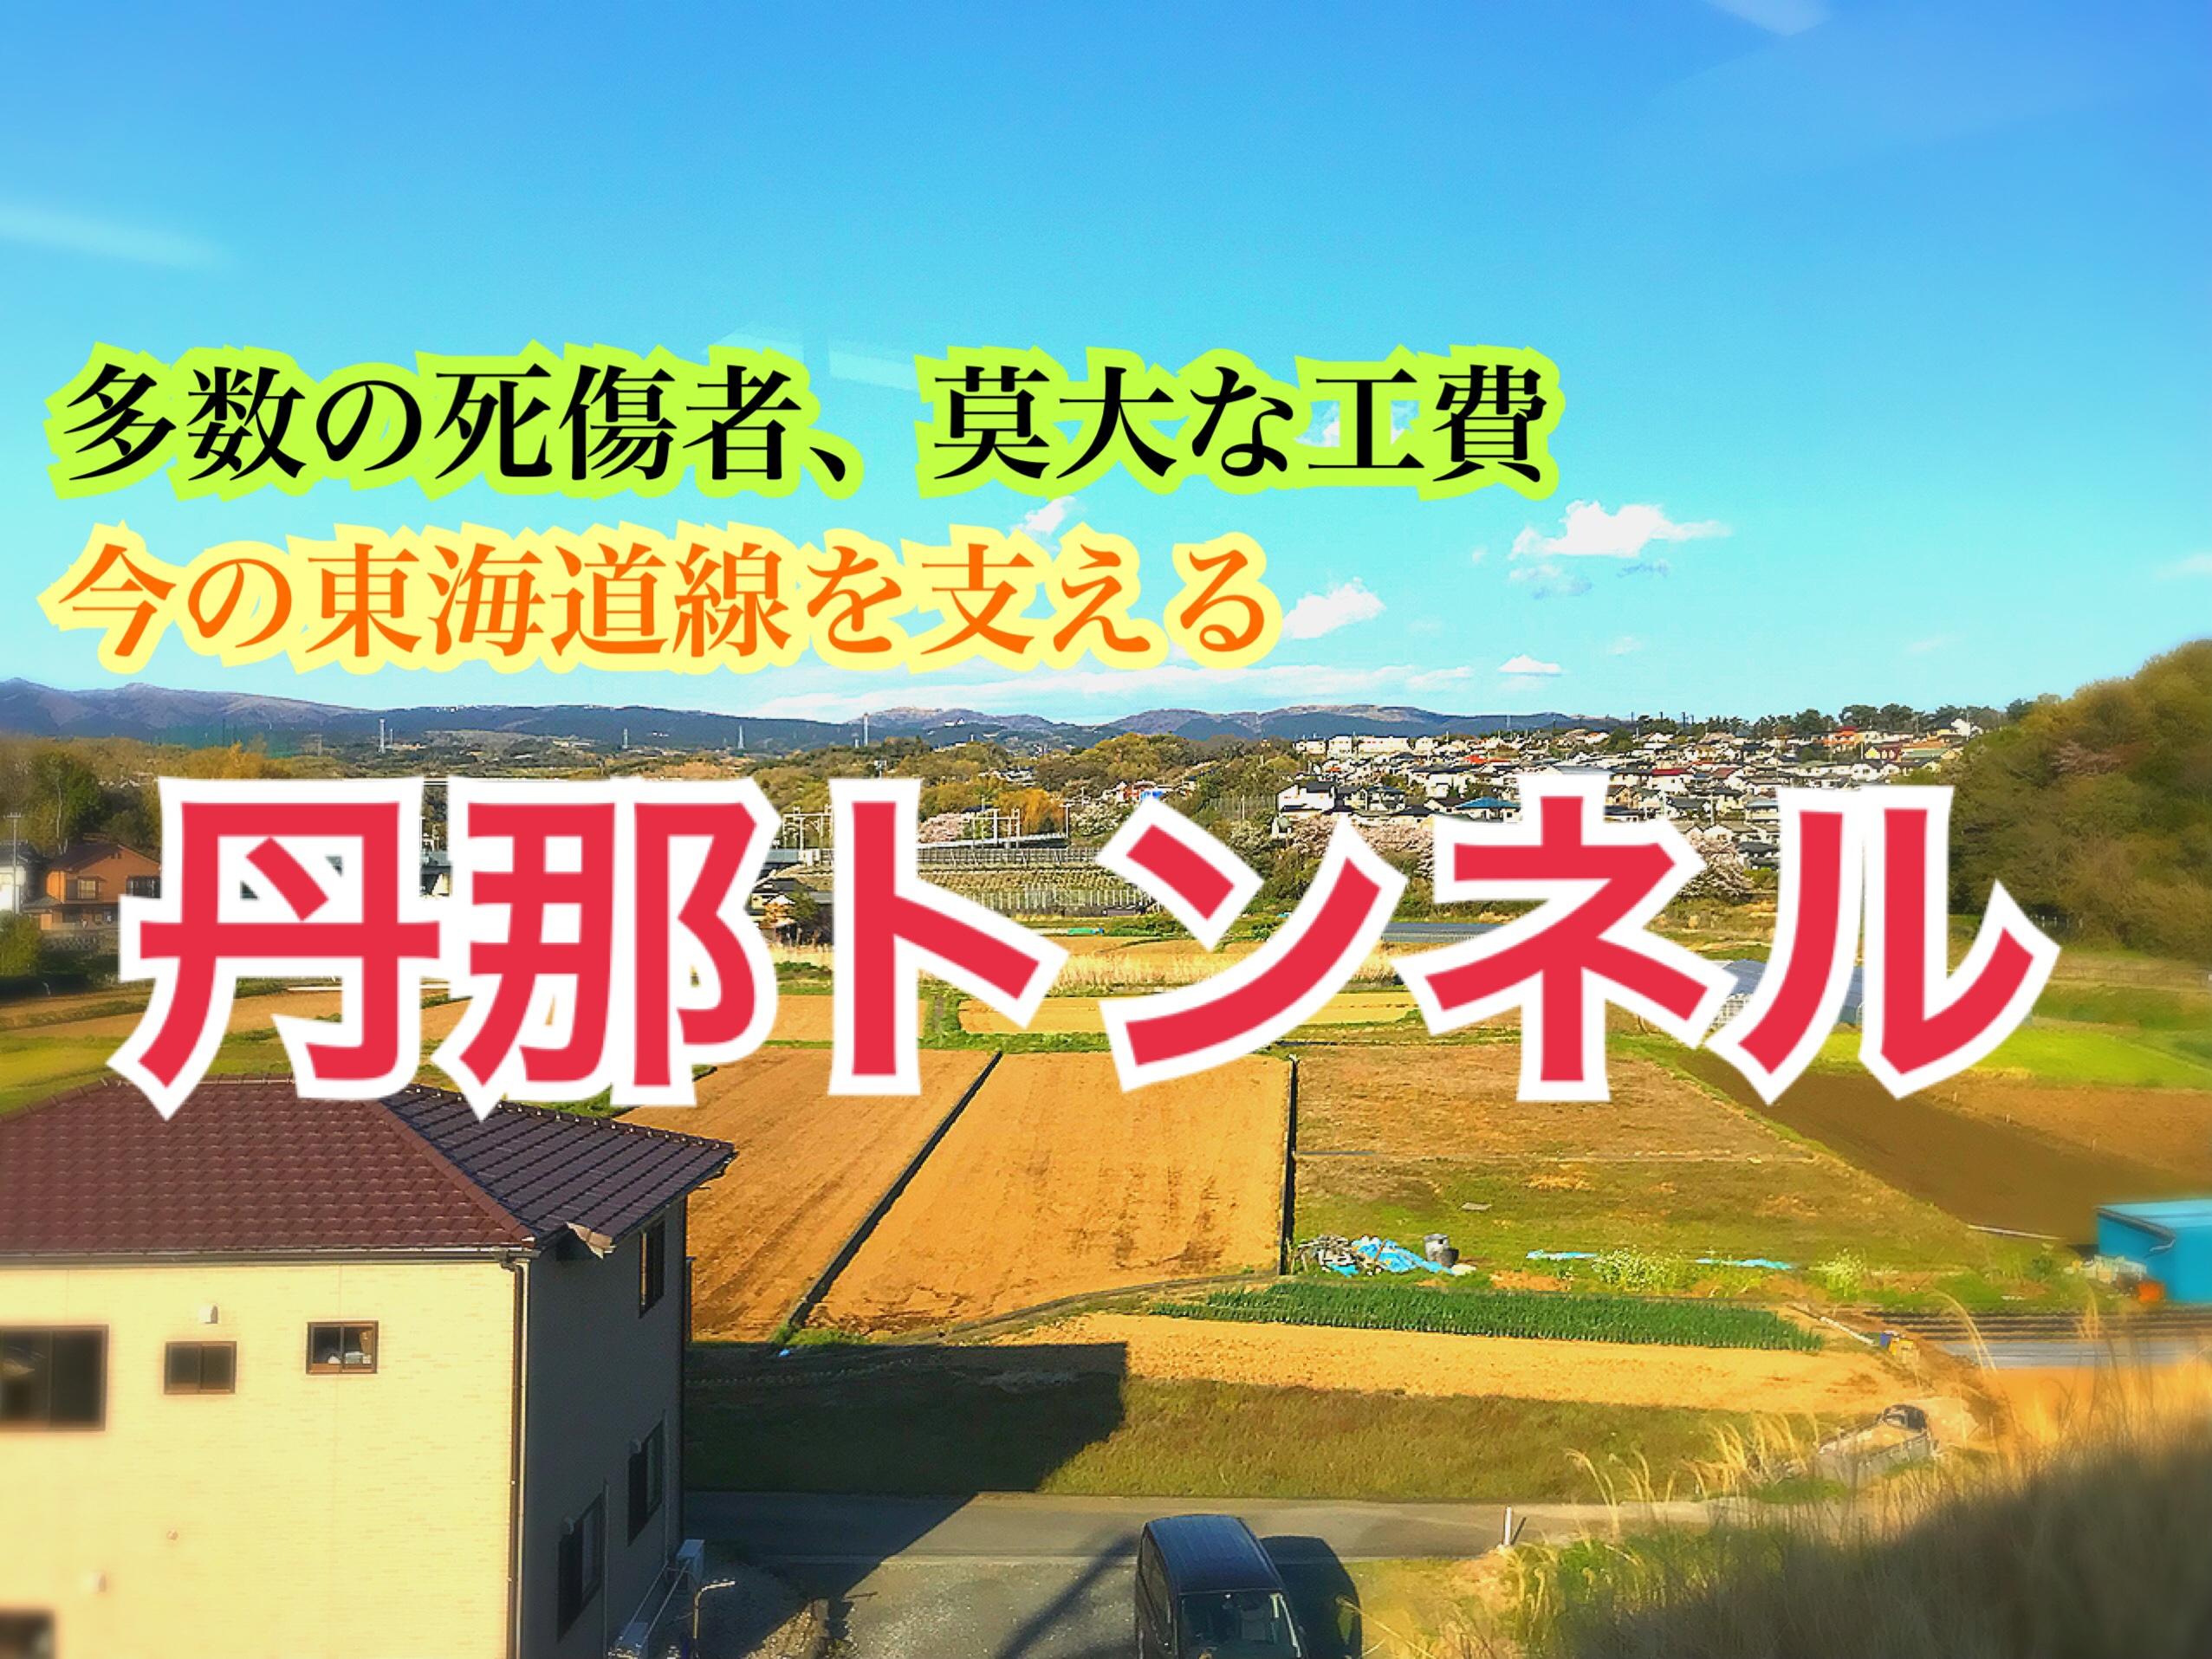 【東海道線】難工事の末、開業した丹那トンネル。今の東海道線を支える要所!【放課後熱海】